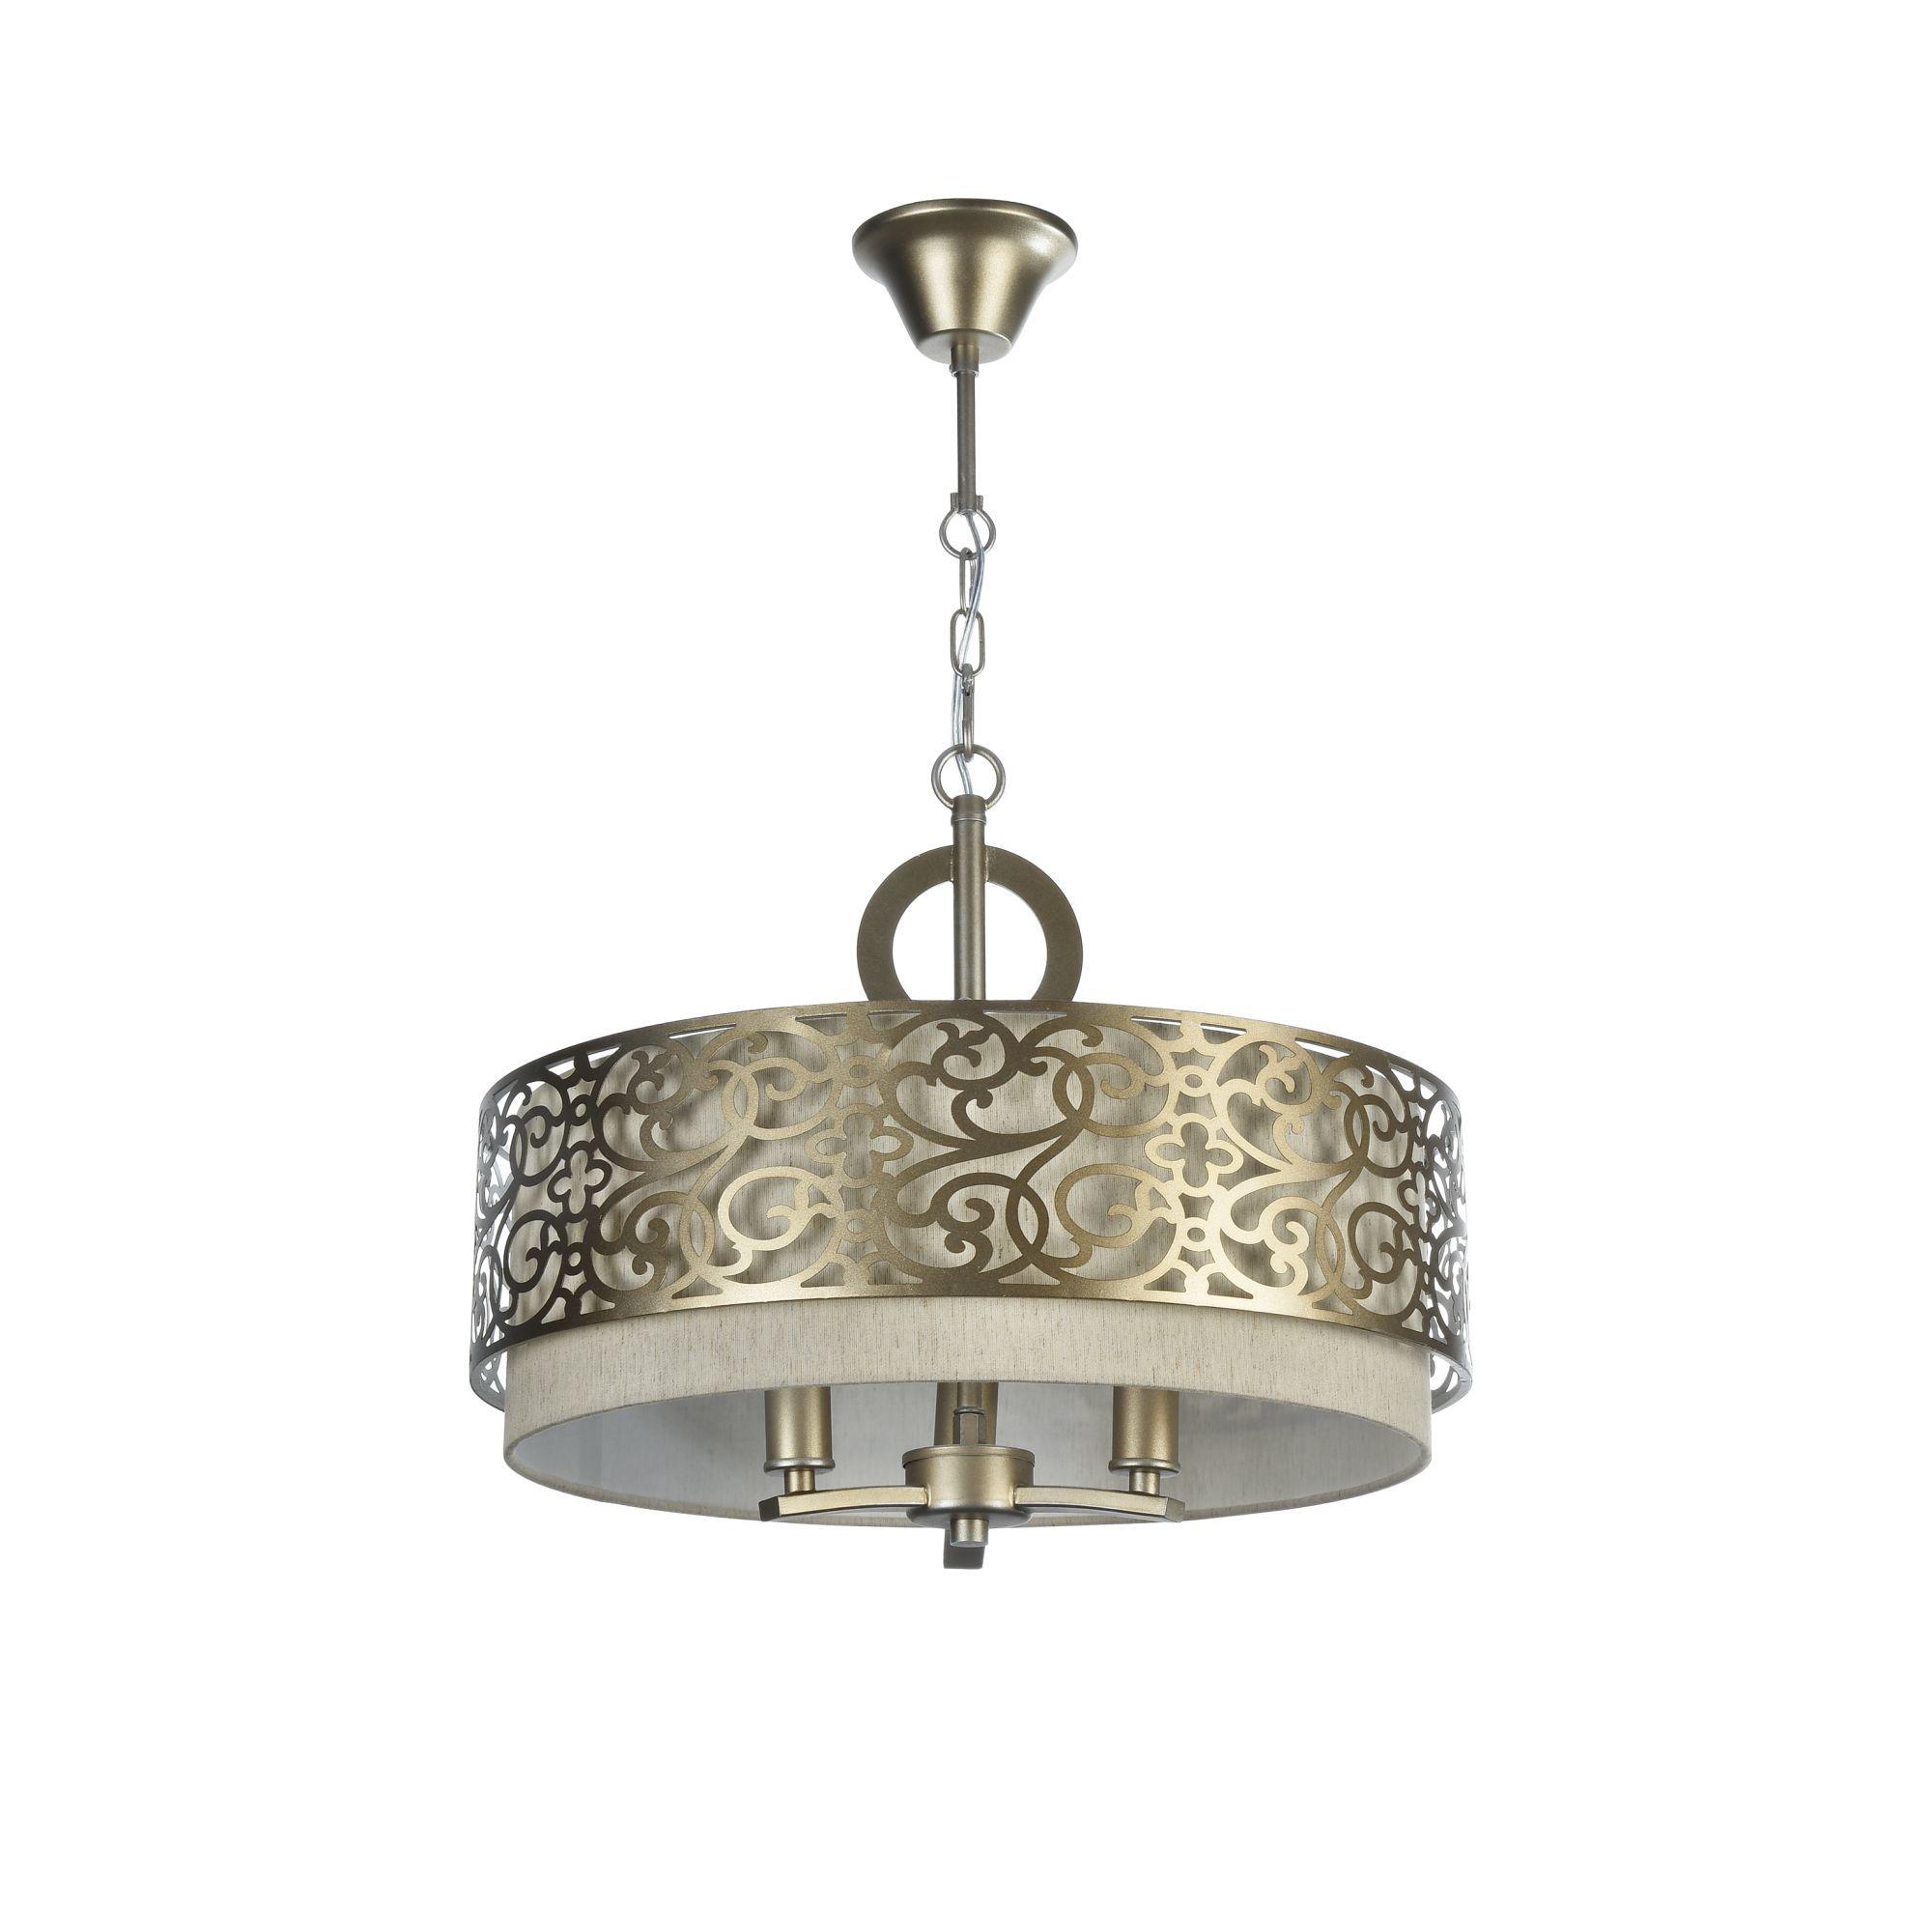 Подвесная люстра Maytoni Classic House Venera H260-03-N, 3xE14x40W, бронза, металл, металл с текстилем, текстиль с металлом - фото 3